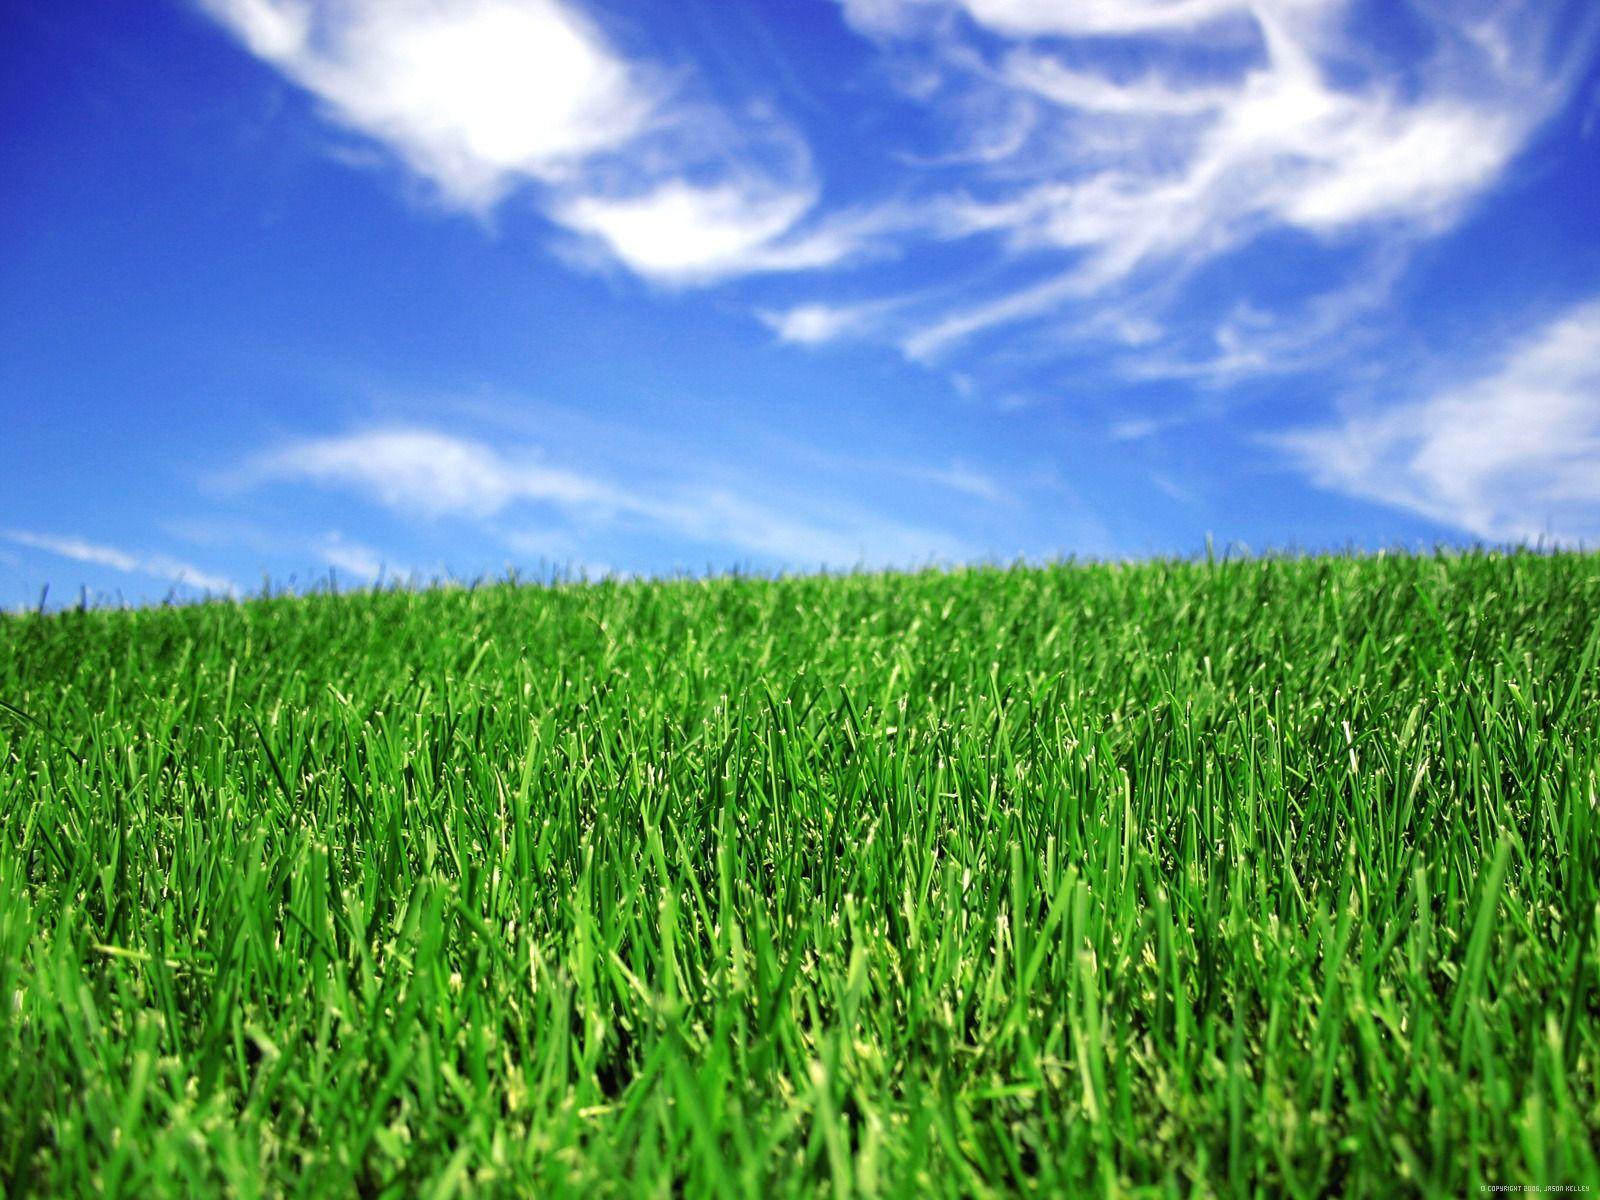 Hình ảnh về bãi cỏ xanh đẹp